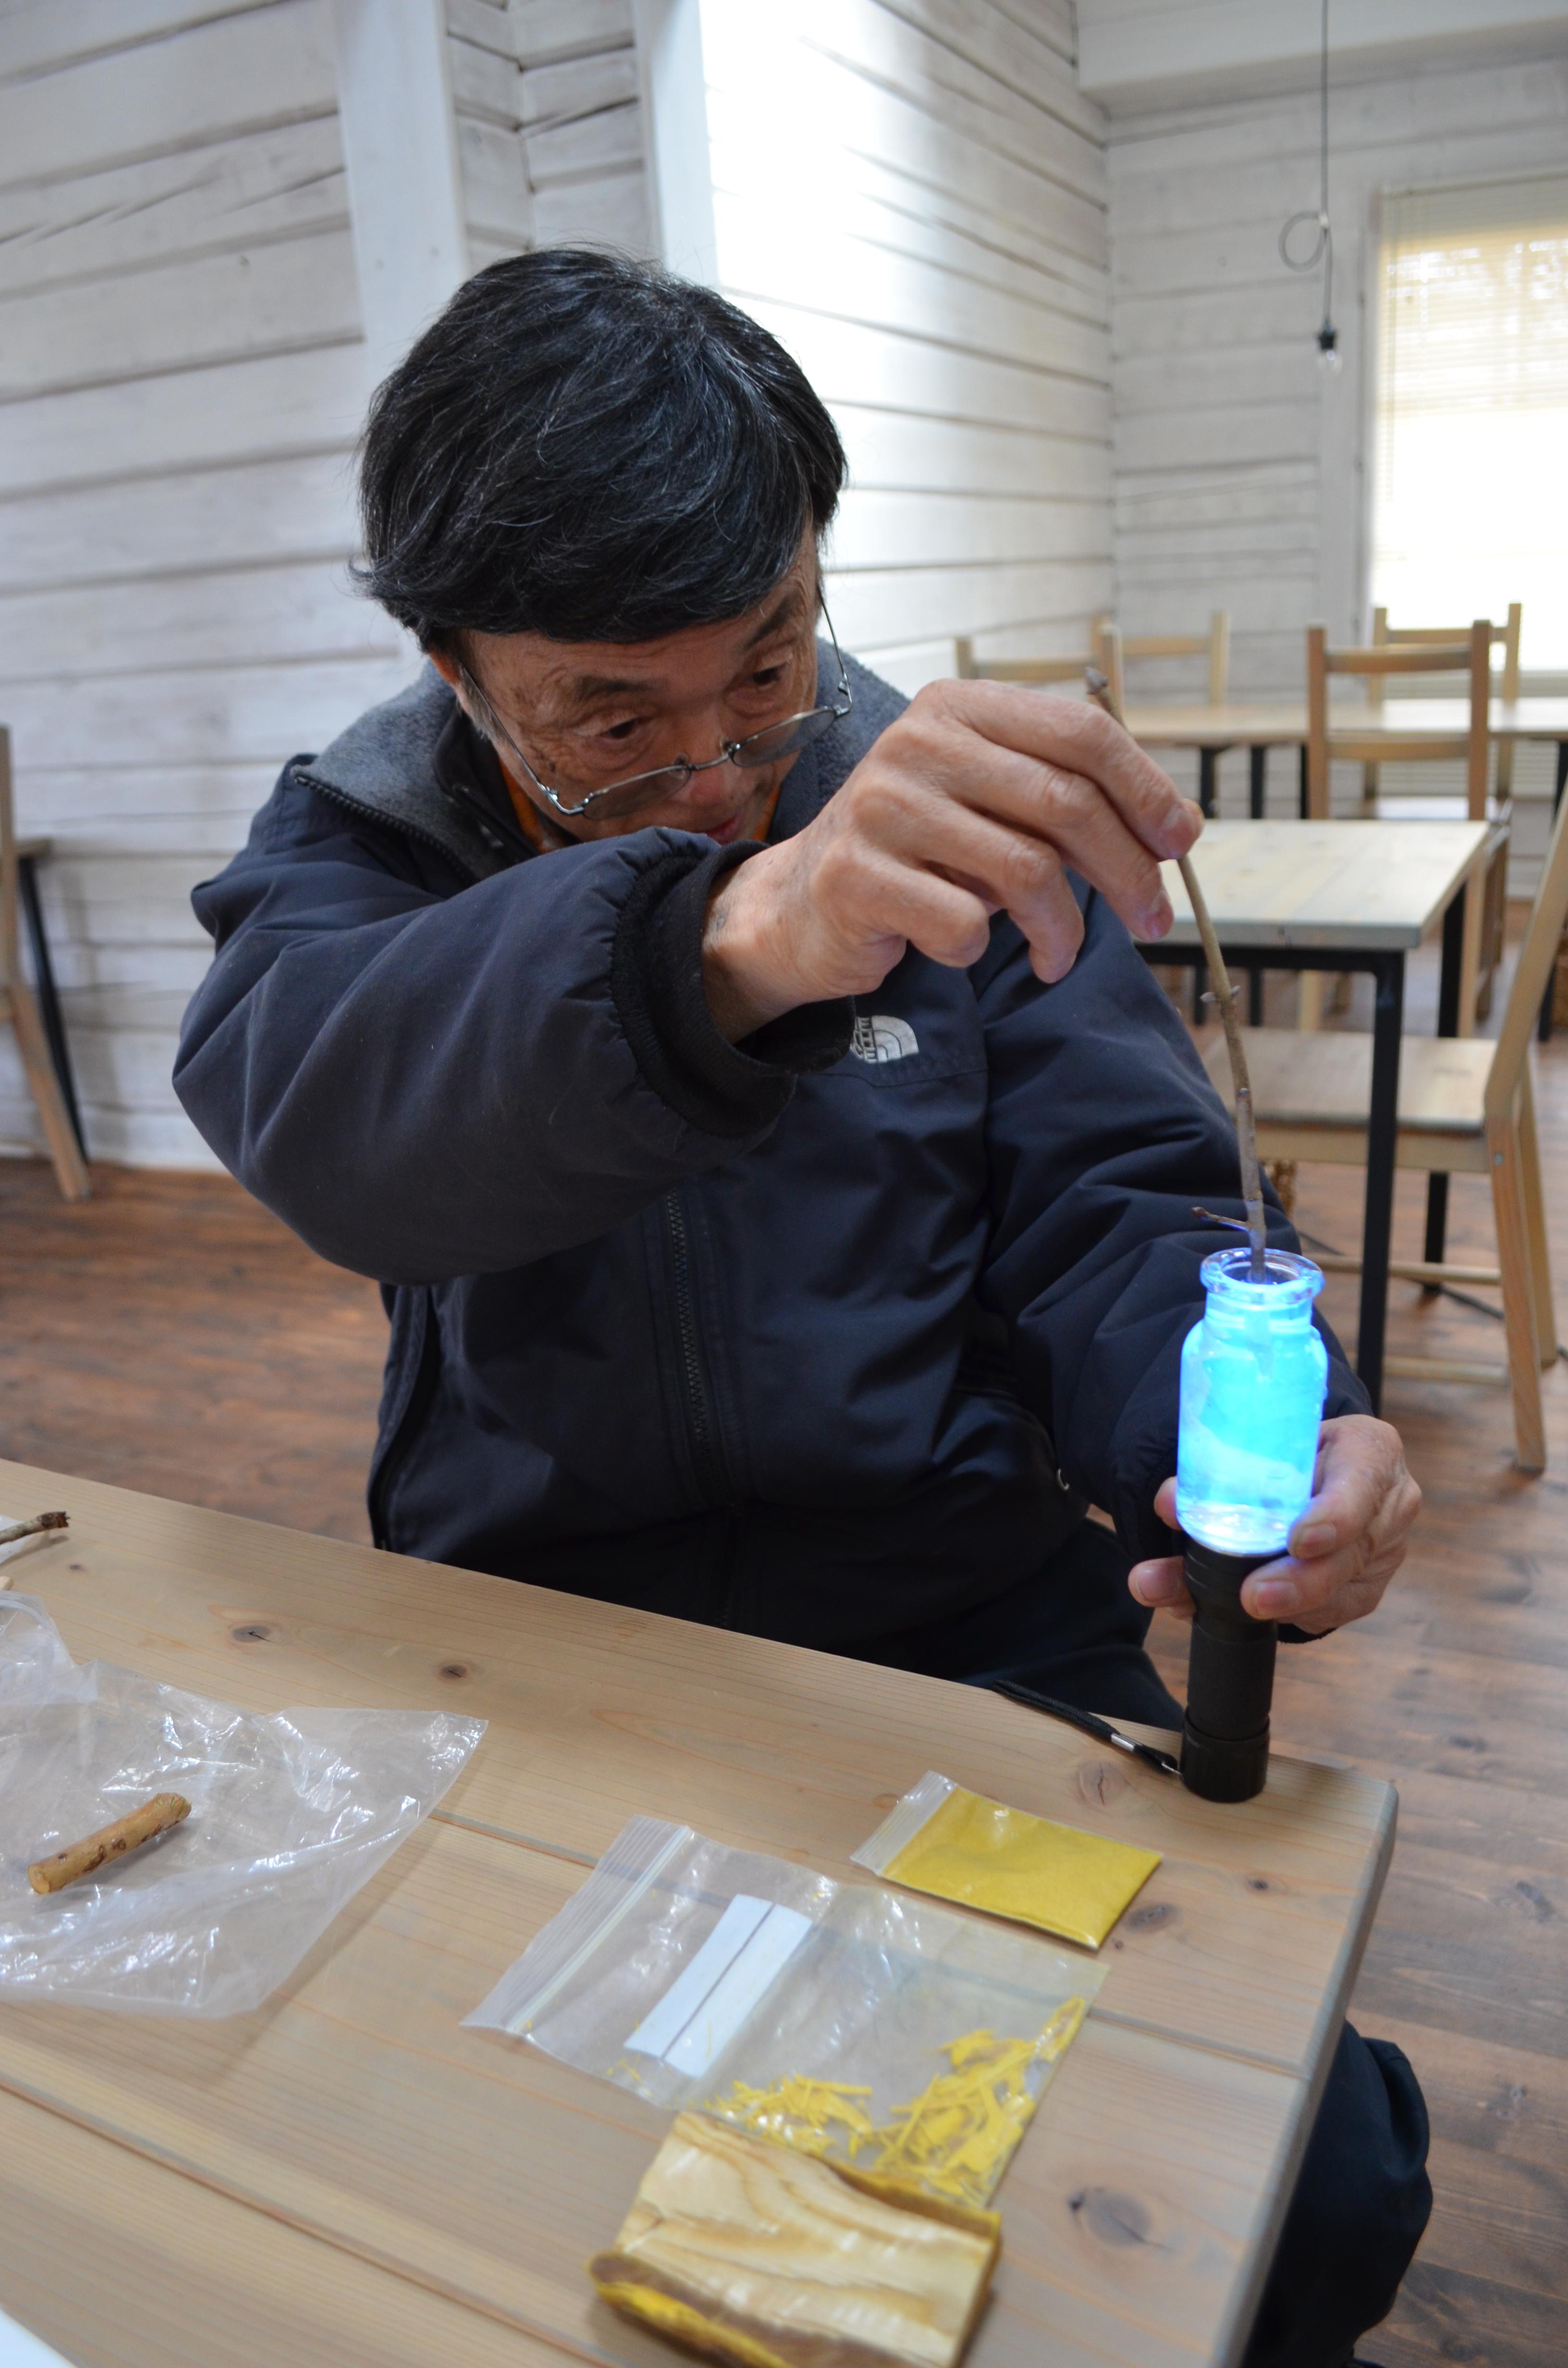 紫外線に反応する蛍光物質を持つアオダモ。手前の黄色い粉は「良薬は口に苦し」の語源ともなったキハダ。実際に山に入り、森の不思議と日本人の暮らしとの関わりを学べるエコツアーは驚きの連続だ